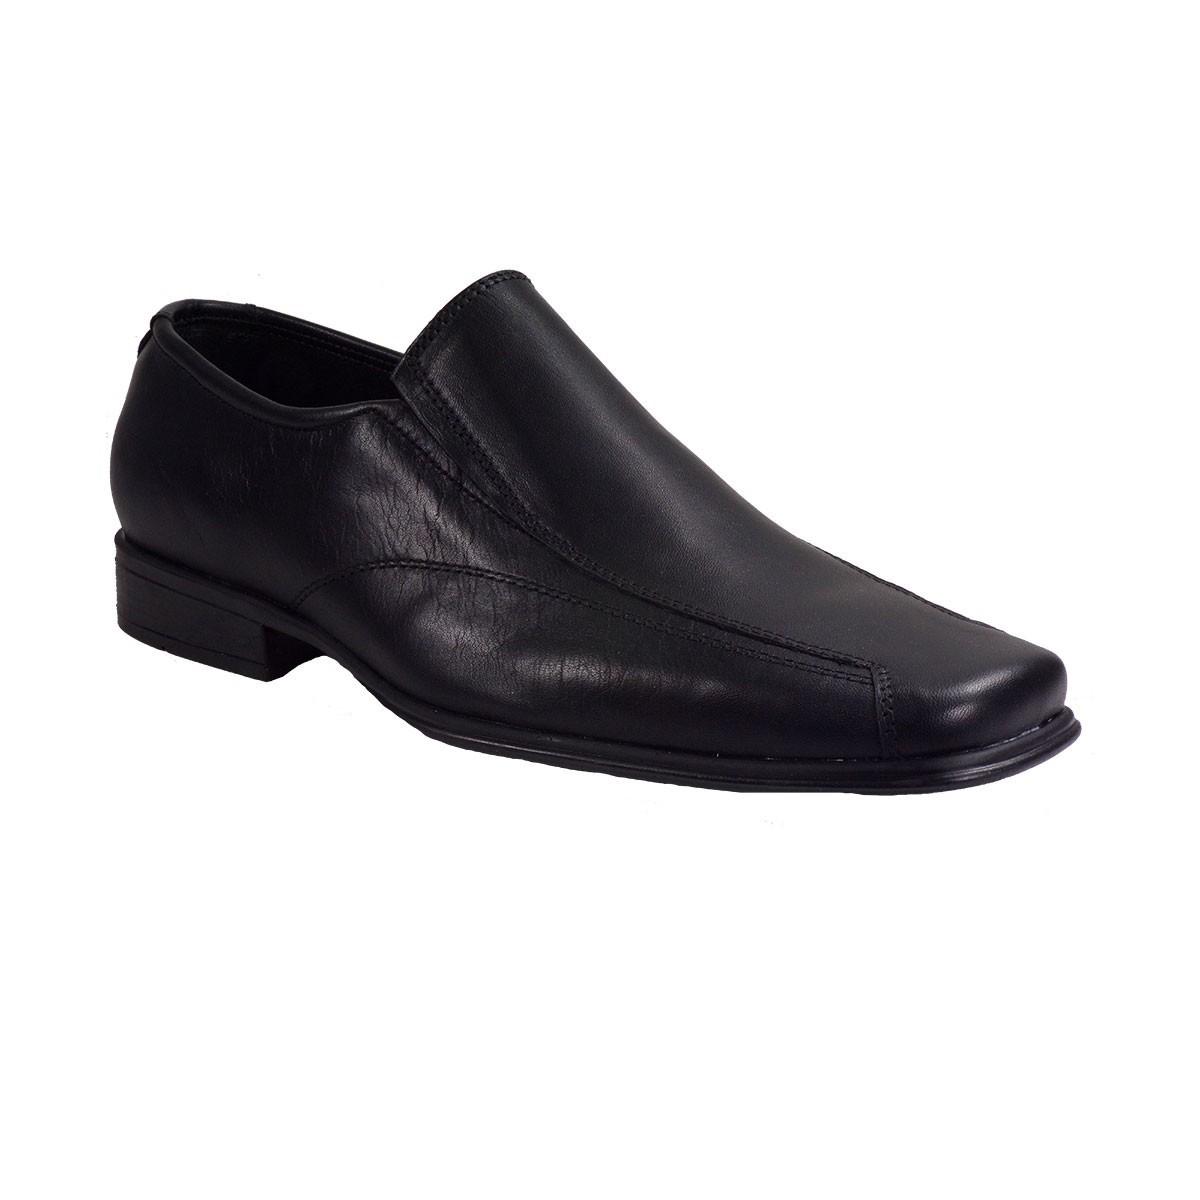 Vero Shoes Παπούτσια Αντρικά 76 Μαύρο Δέρμα